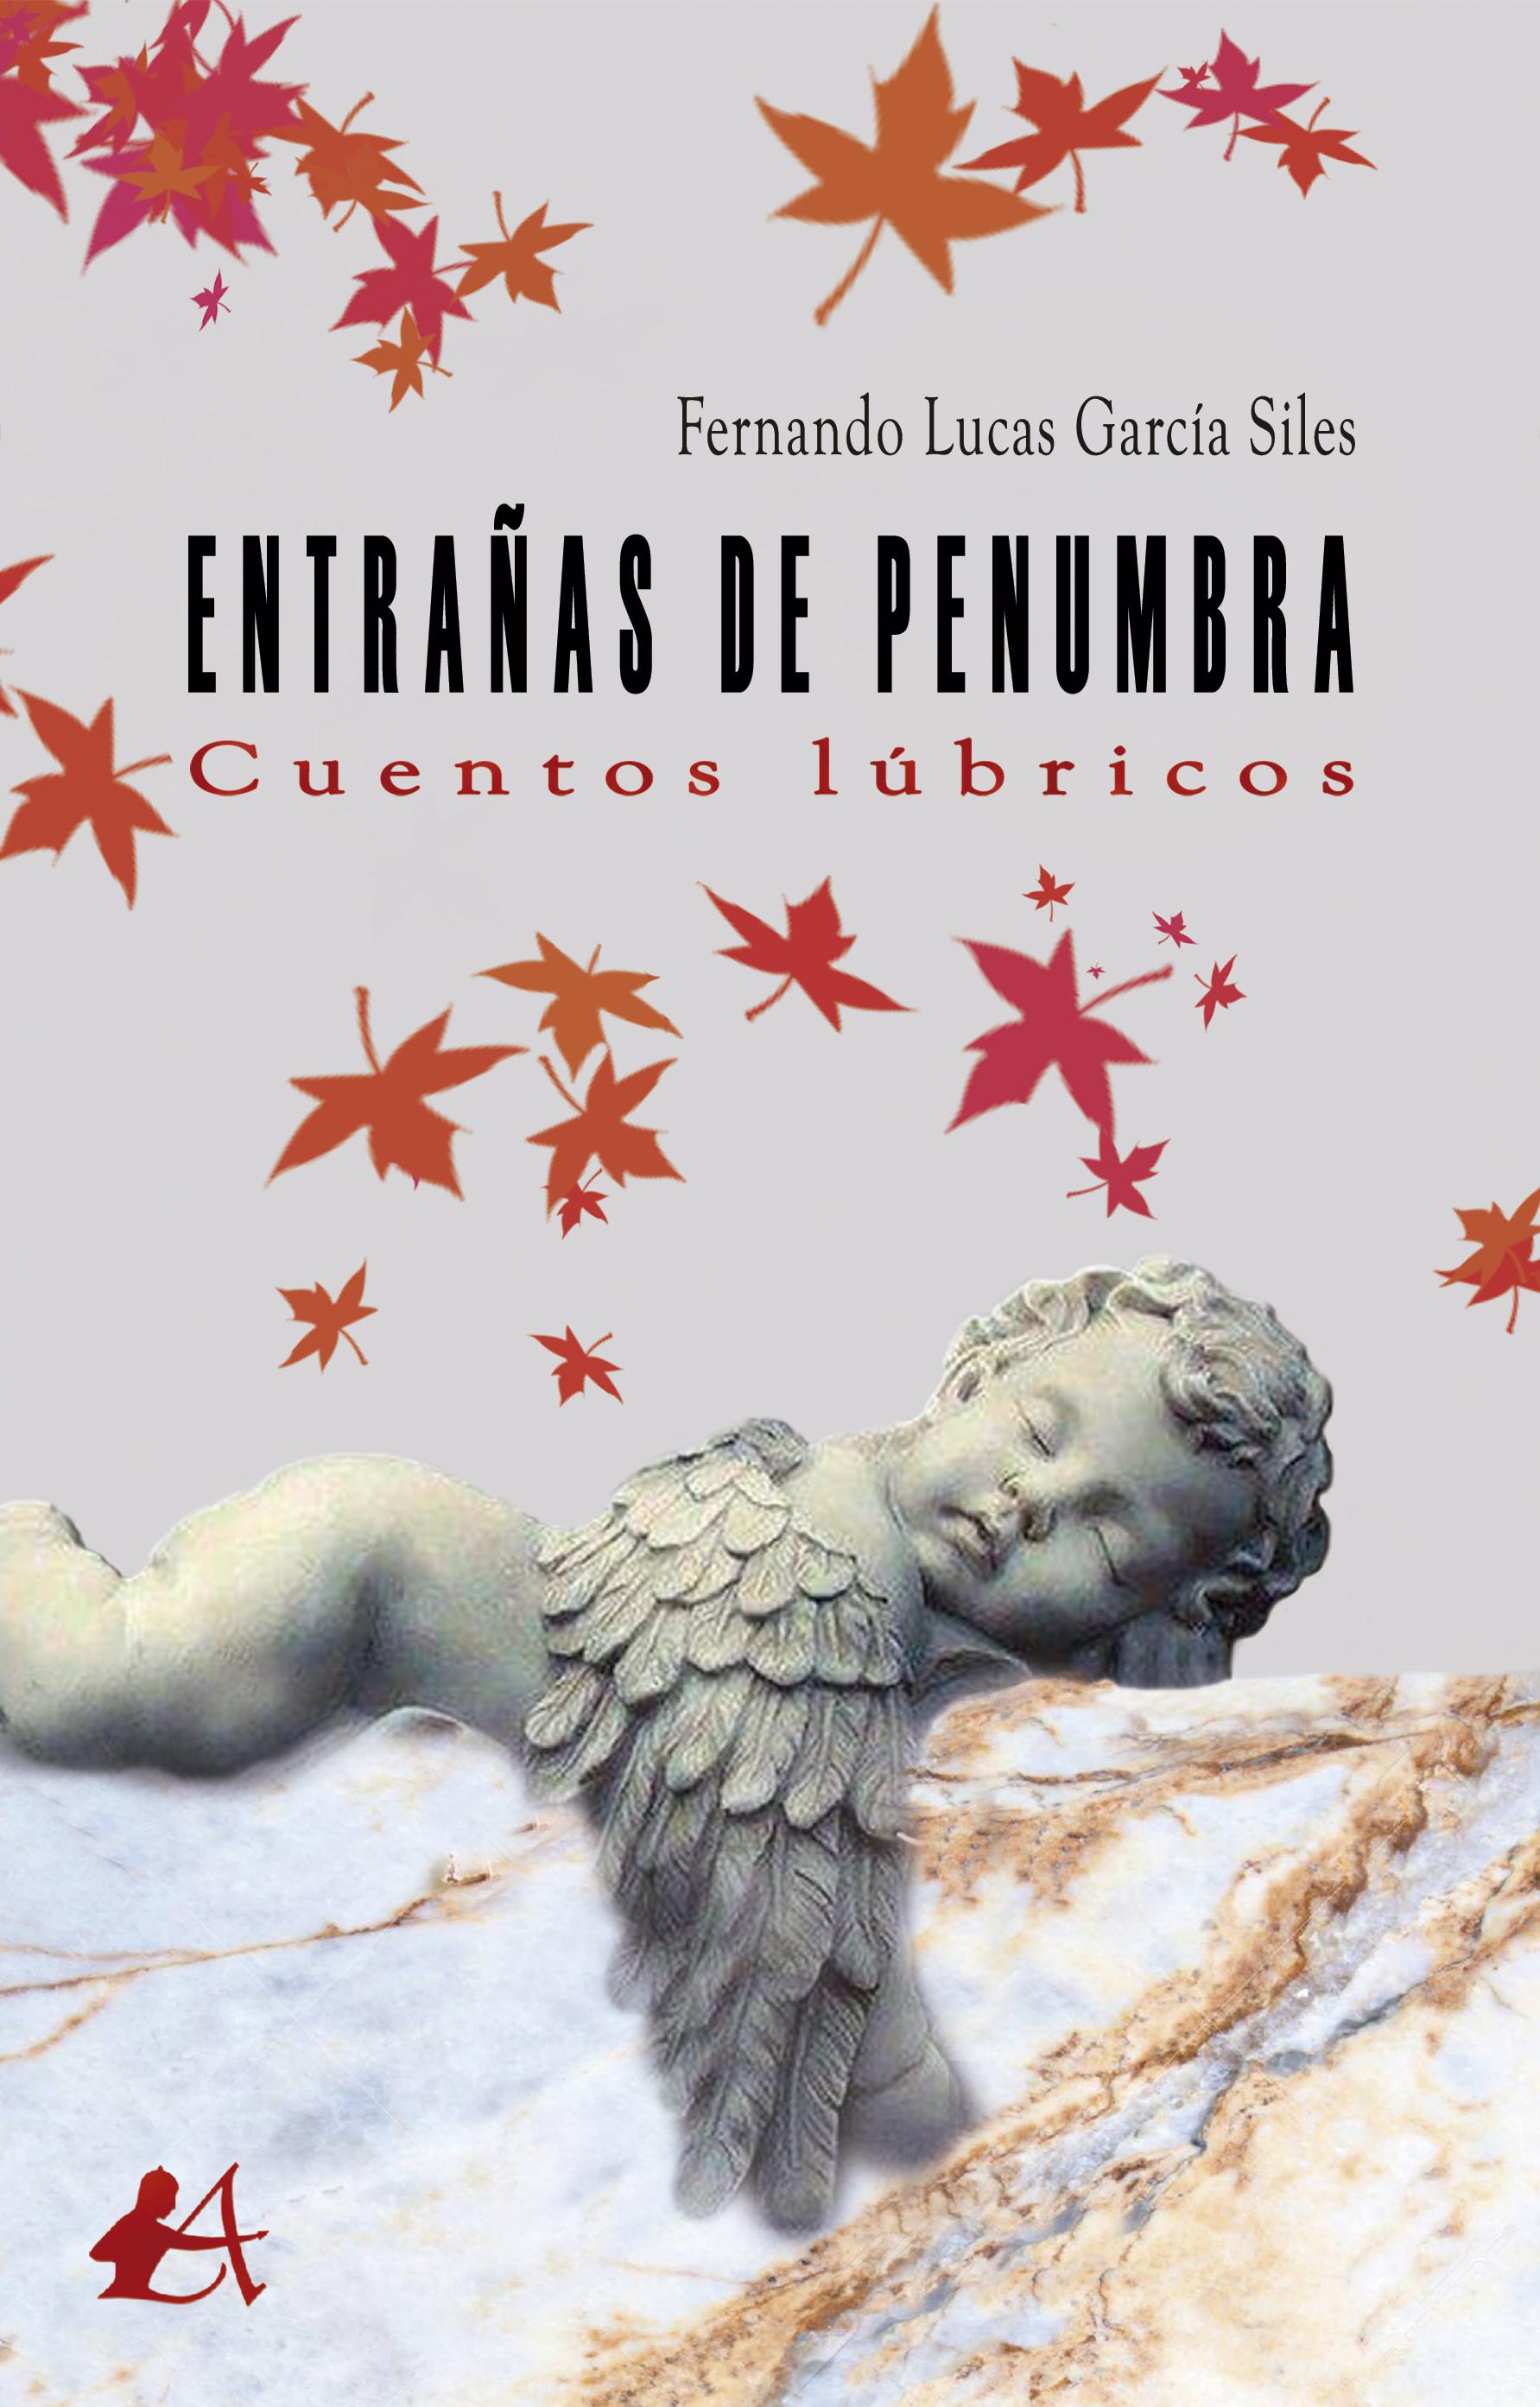 Portada del libro Entrañas de penumbra Cuentos lúbricos de Fernando Lucas García Siles. Editorial Adarve, Escritores de hoy